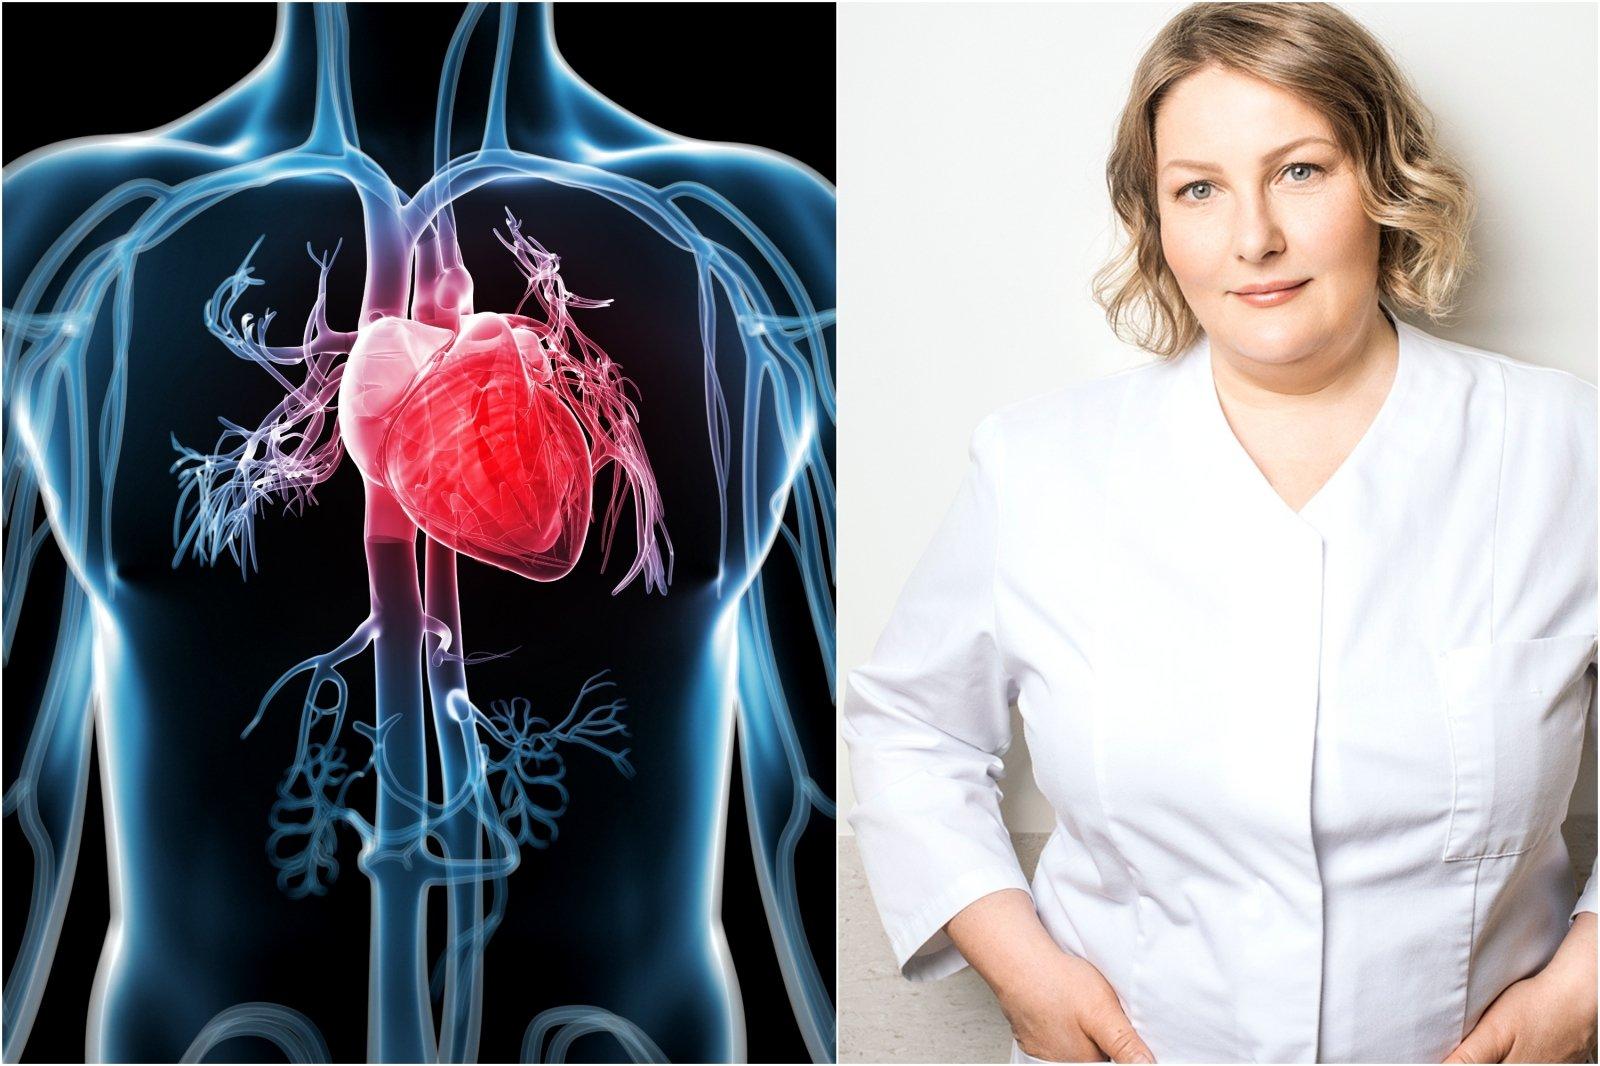 kas yra gera širdies sveikatos dieta geriausia naudotis širdies sveikata